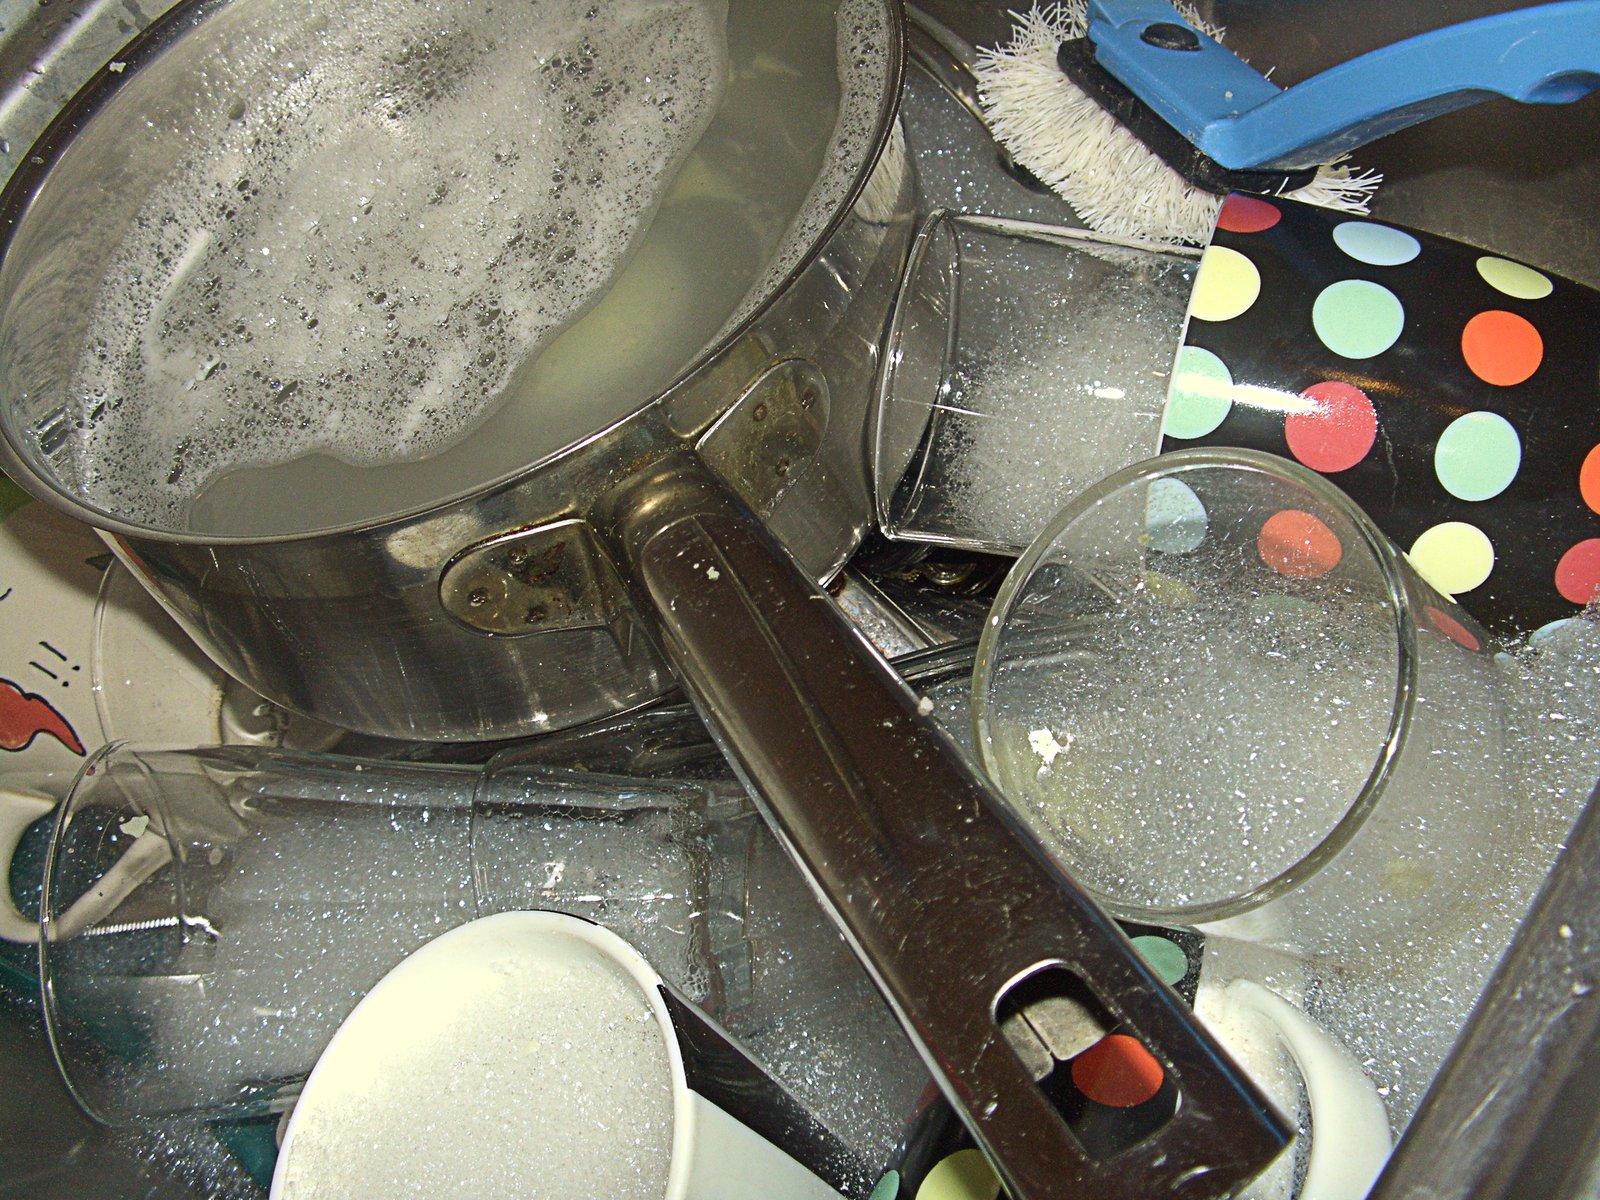 Opvask uden opvaskemaskine installeret